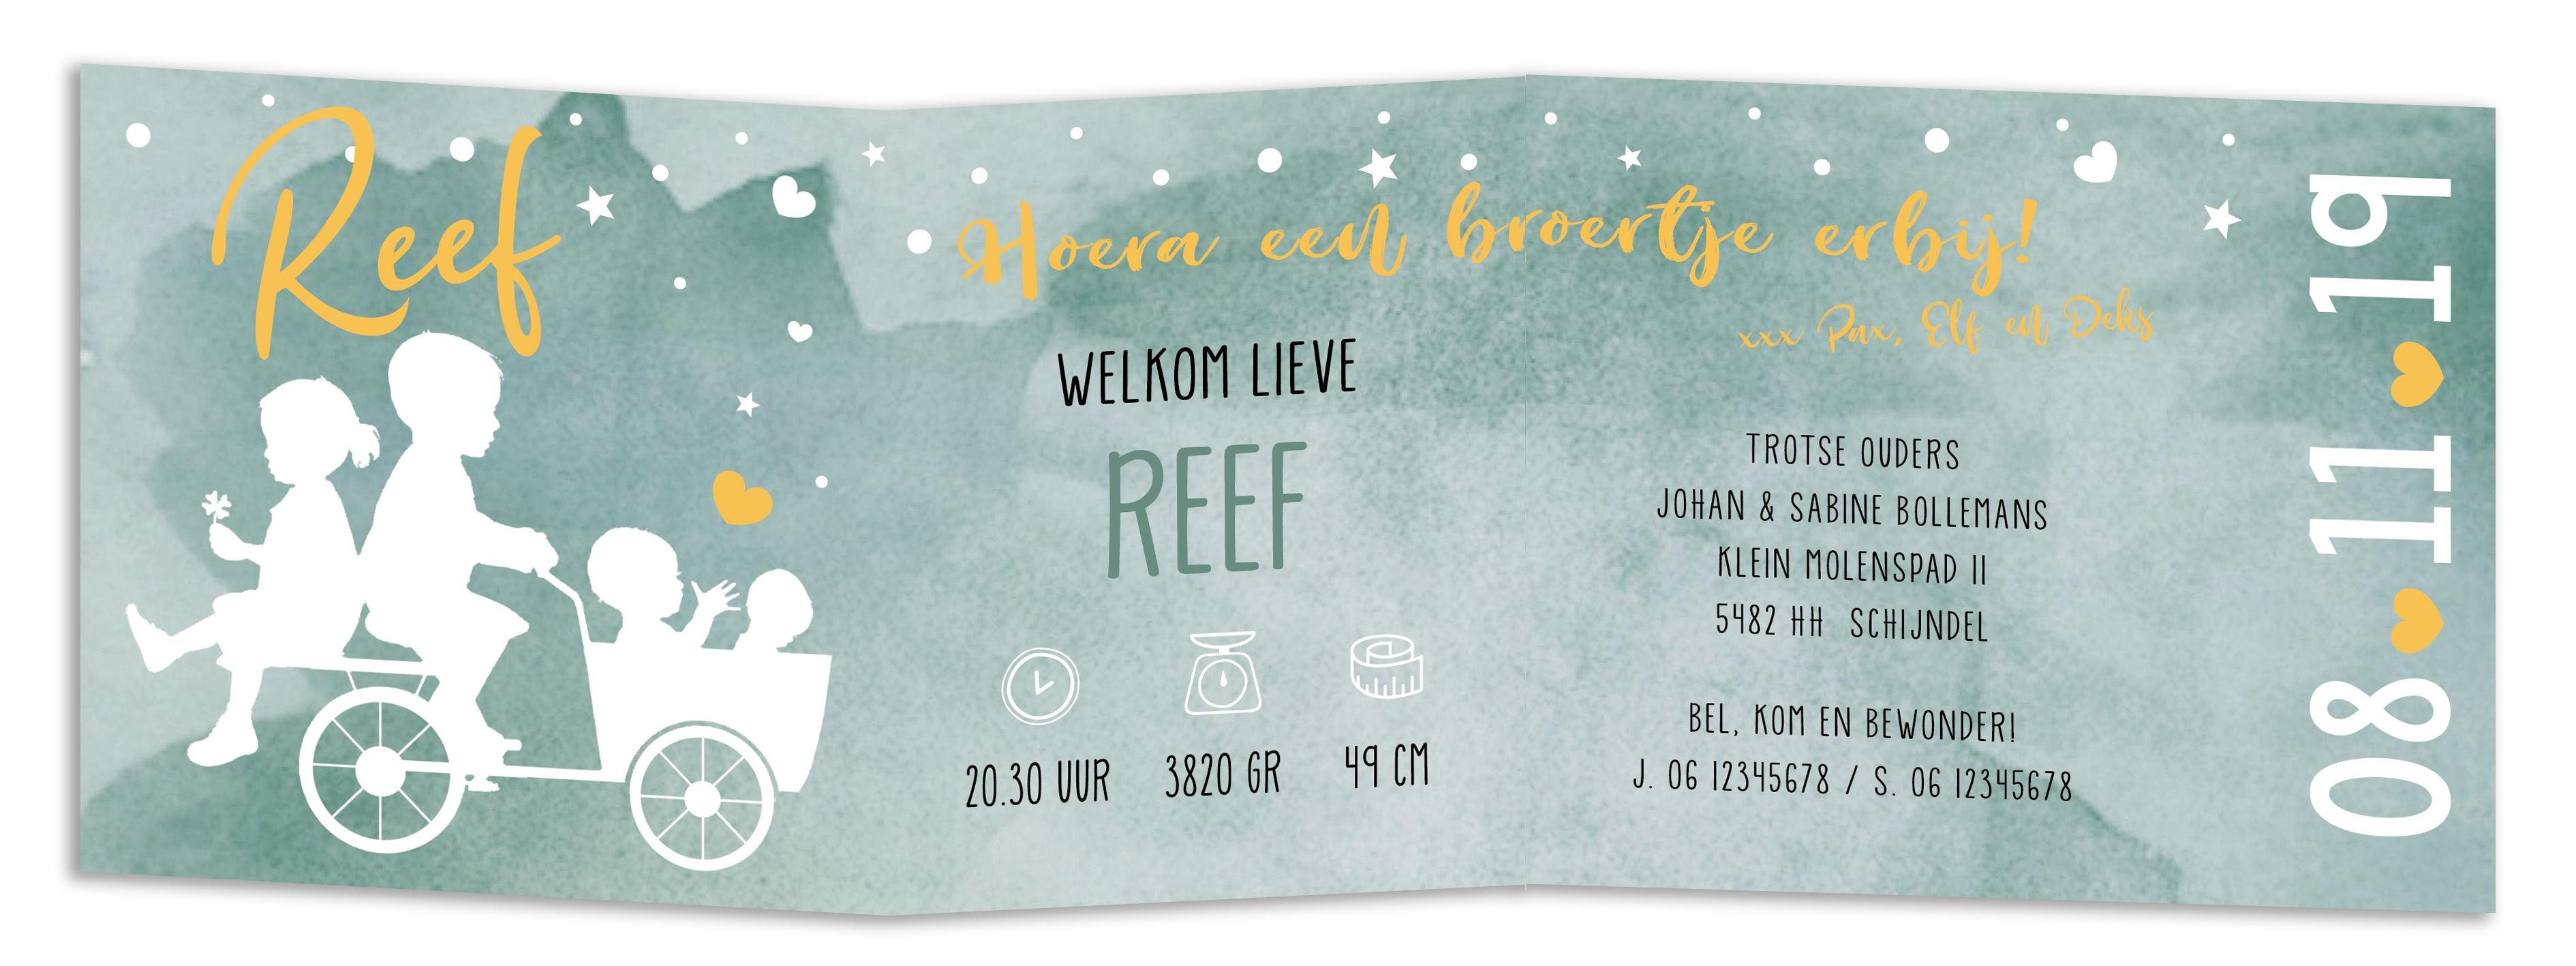 Geboortekaarten Reef